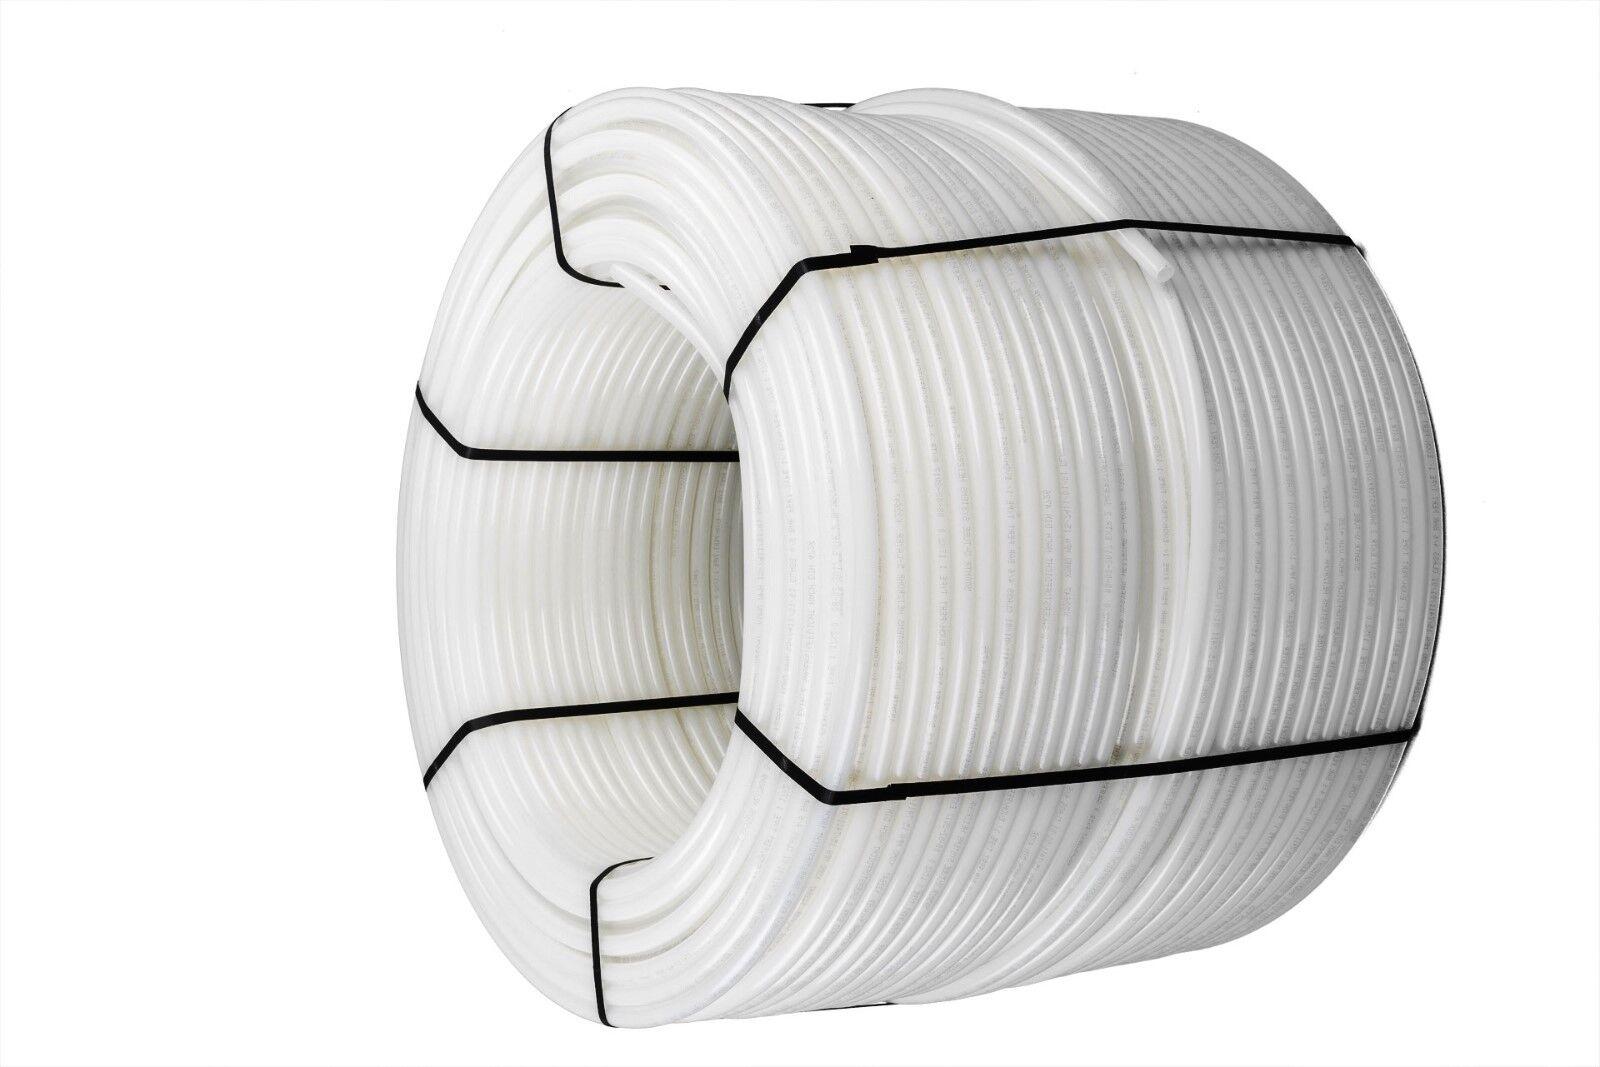 Heizrohr Heizrohr Heizrohr PE-RT 16x2 mm, 5 Sch, 200m, Fußbodenheizung, Sauerstoffdicht, 1. a Ware 5c4cd3